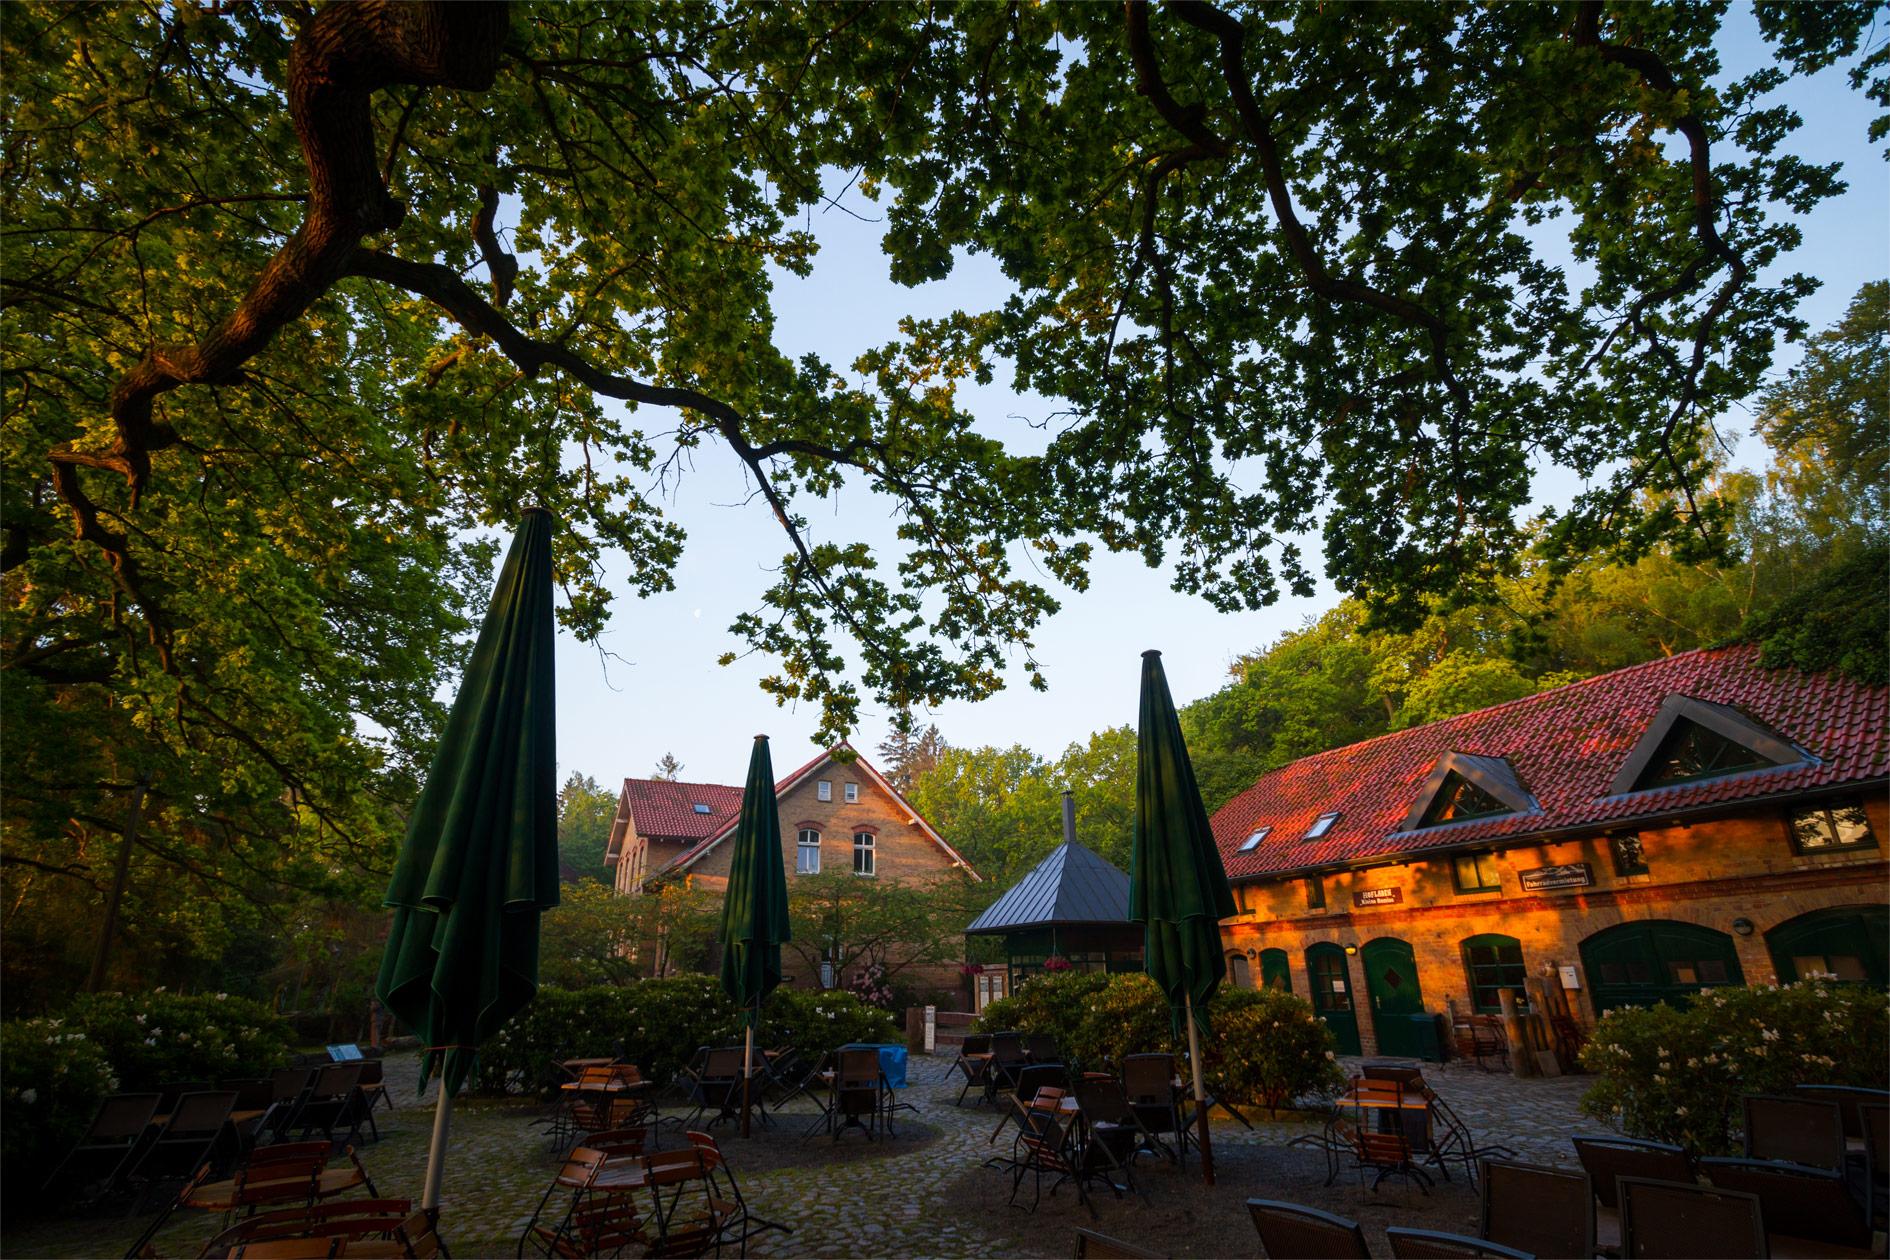 cafegarten-startseite-schloesschen